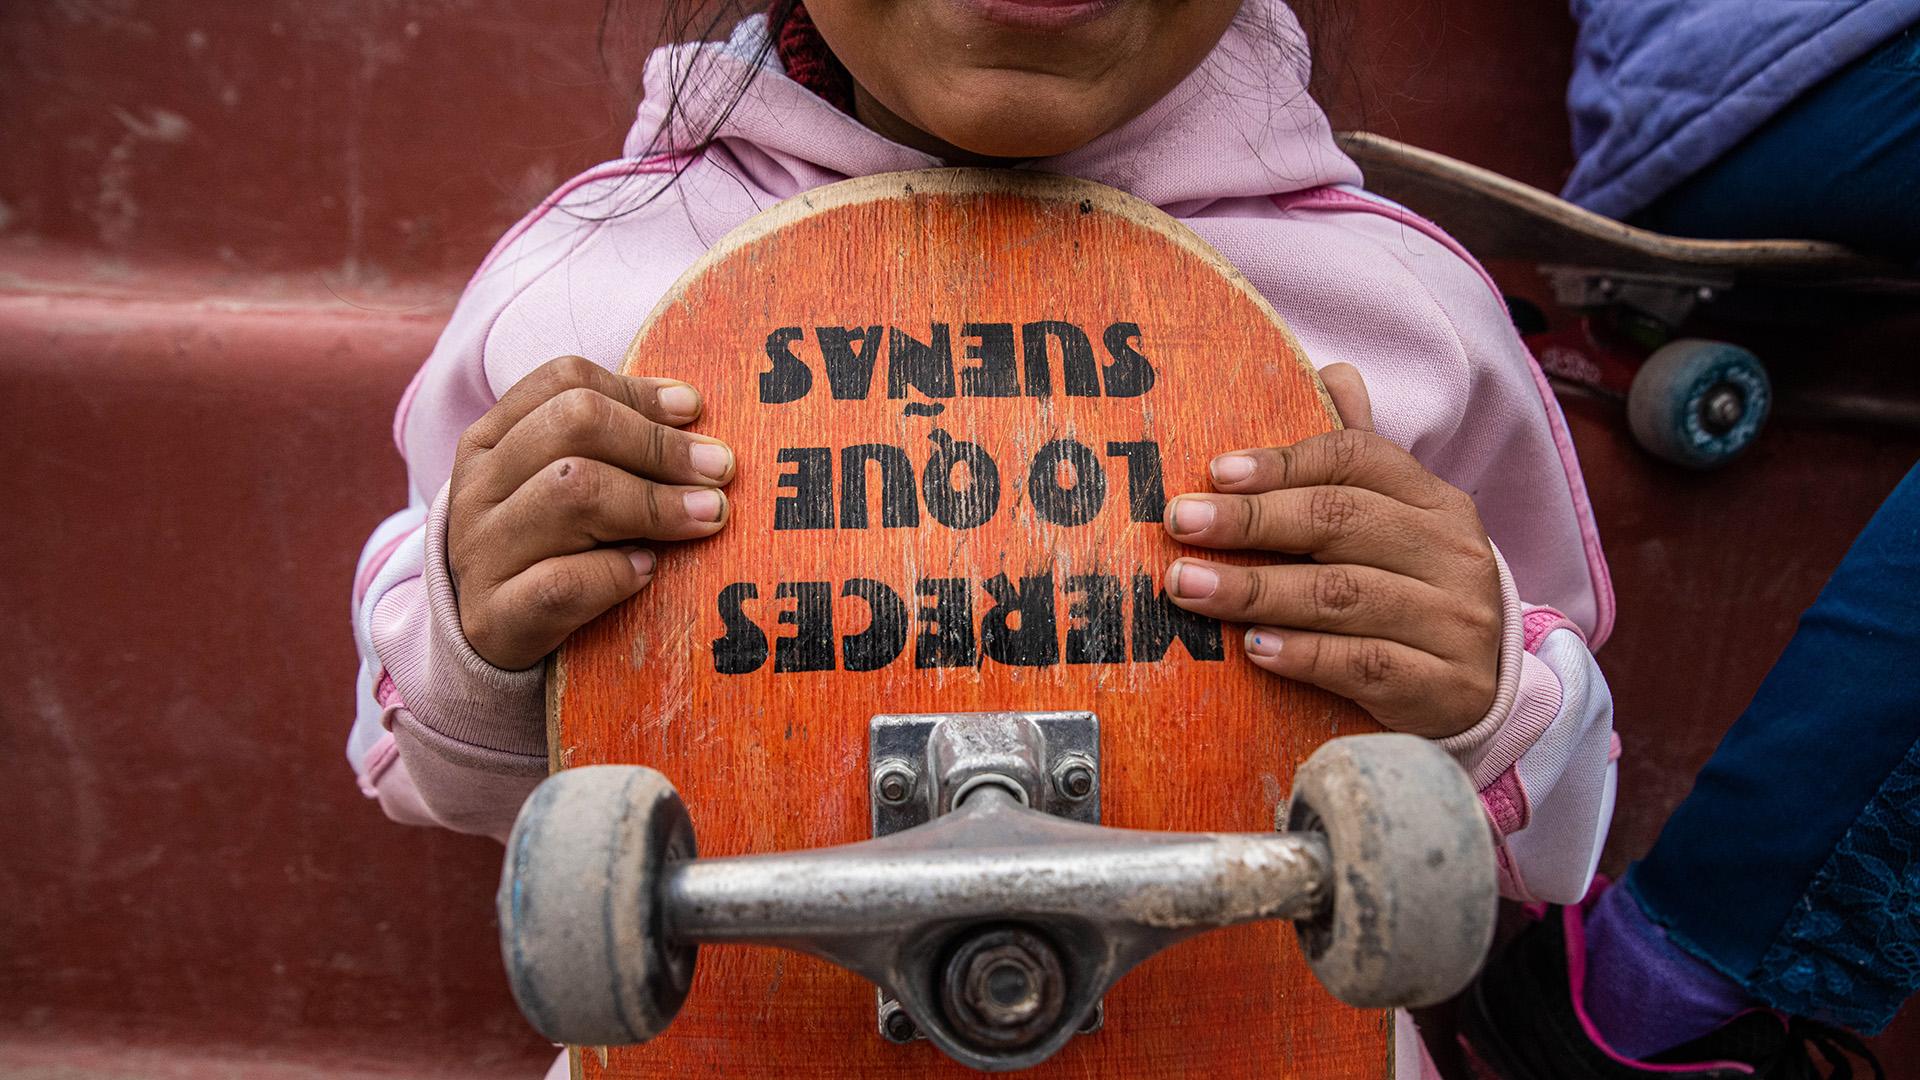 Los primeros chicos que se inscribieron empezaron a aprender a patinar en tablas que fueron donadas por los profesores